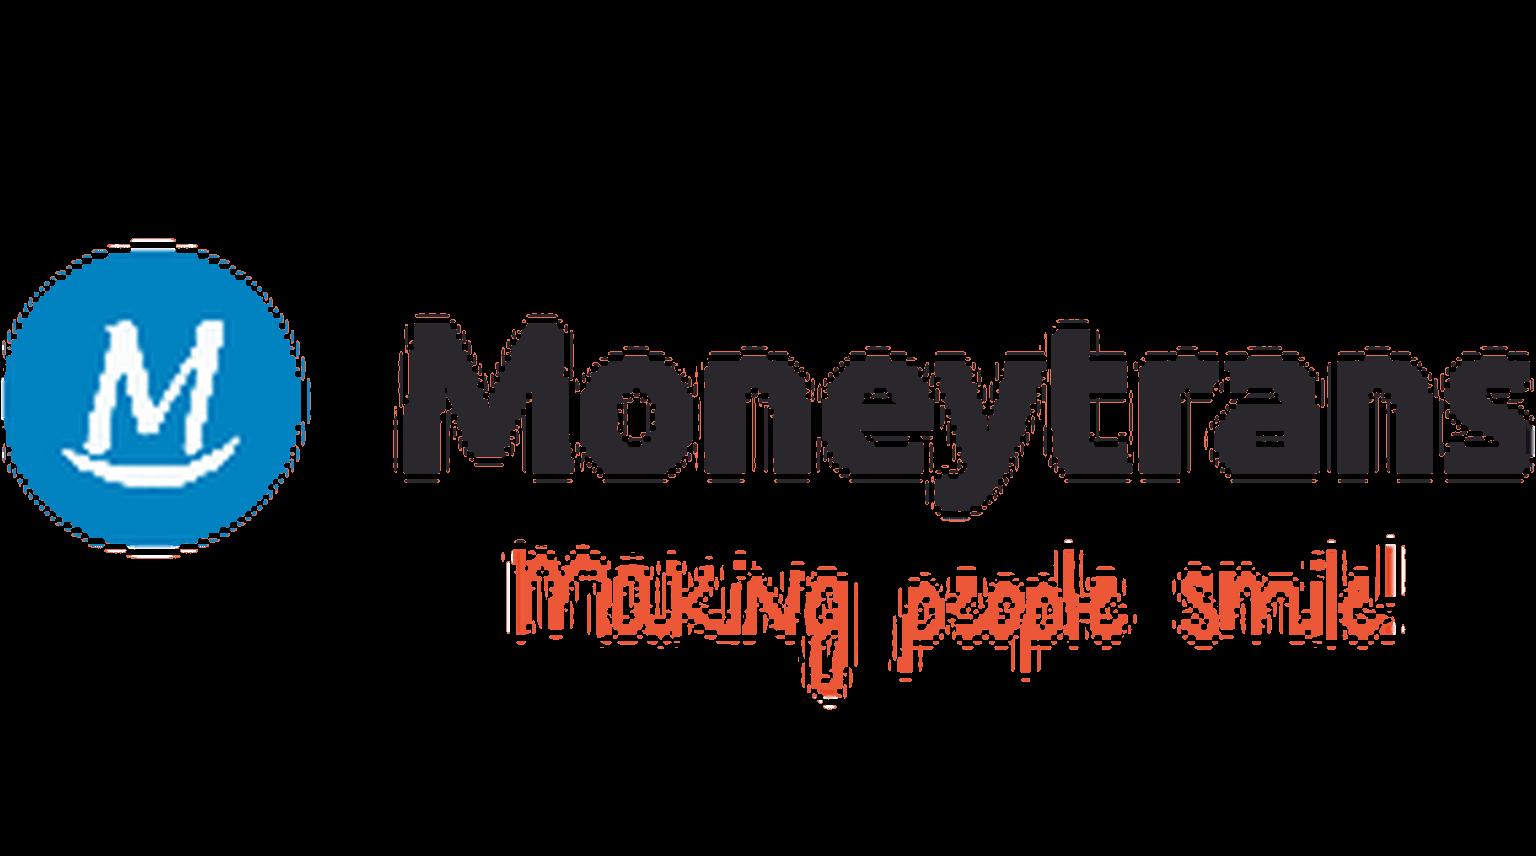 Moneytrans-enviar-dinheiro-brasil